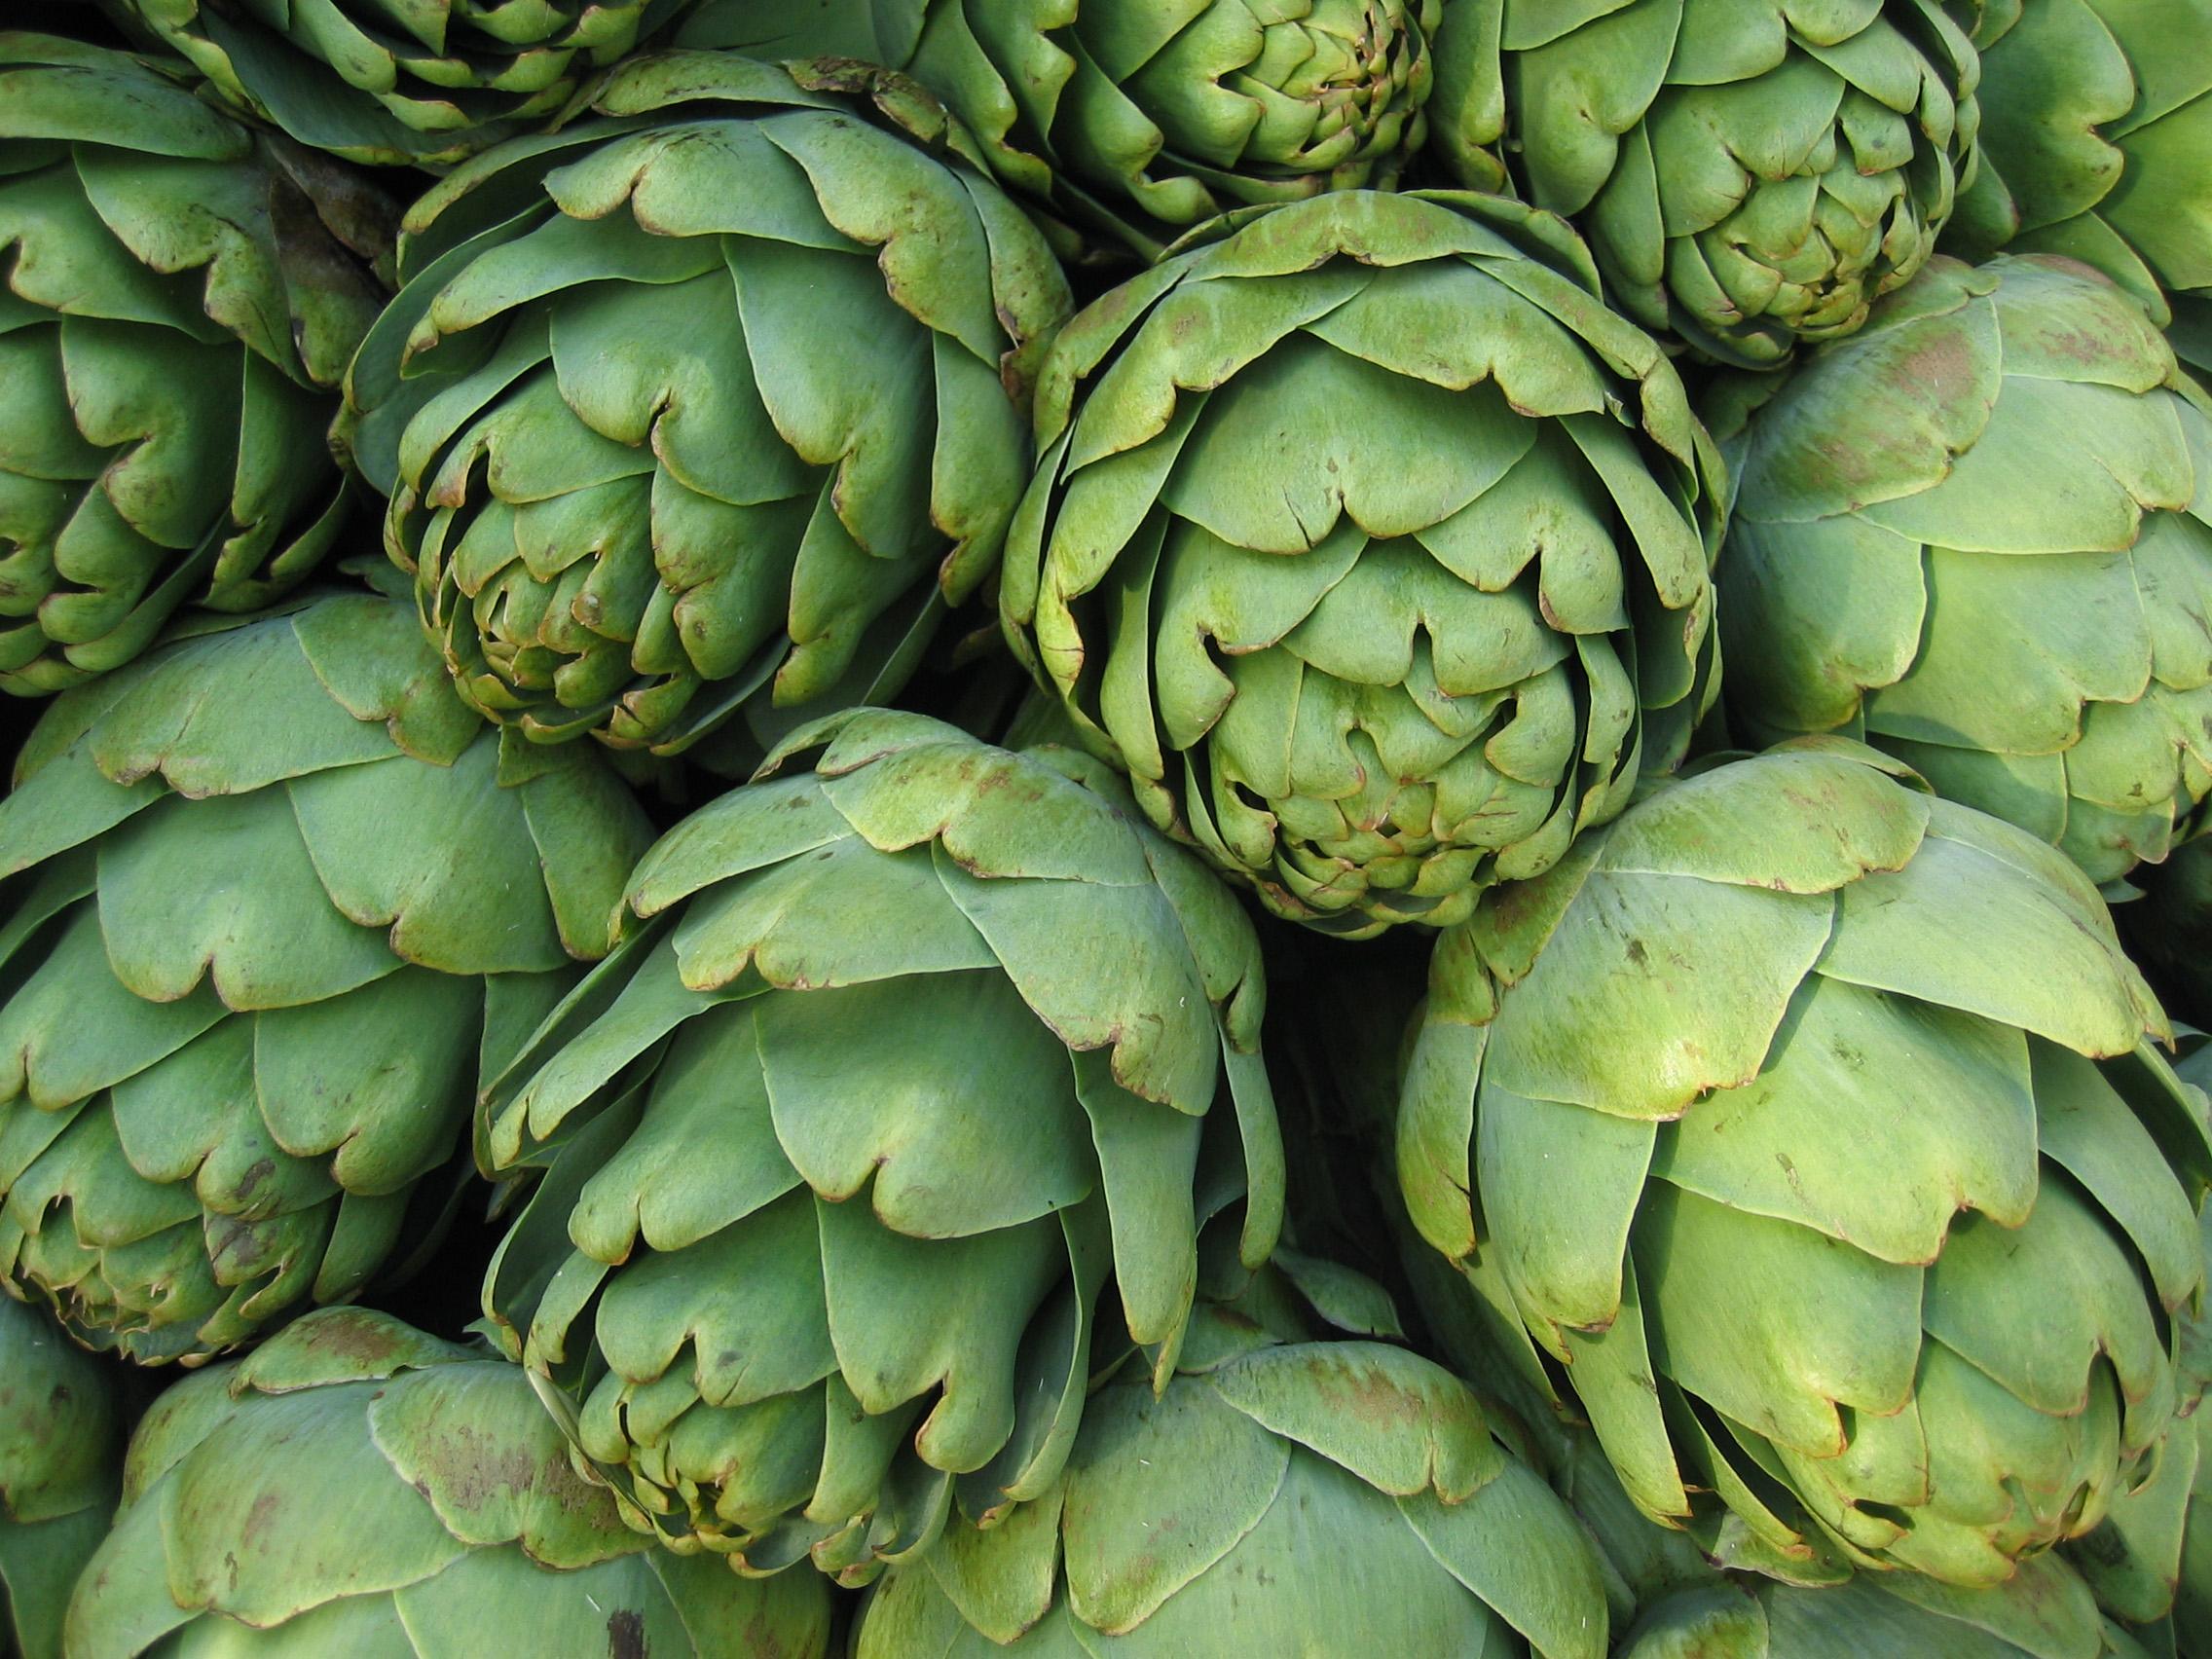 Entenda os benefícios da ALCACHOFRA (Cynara Scolymus) para a sua saúde